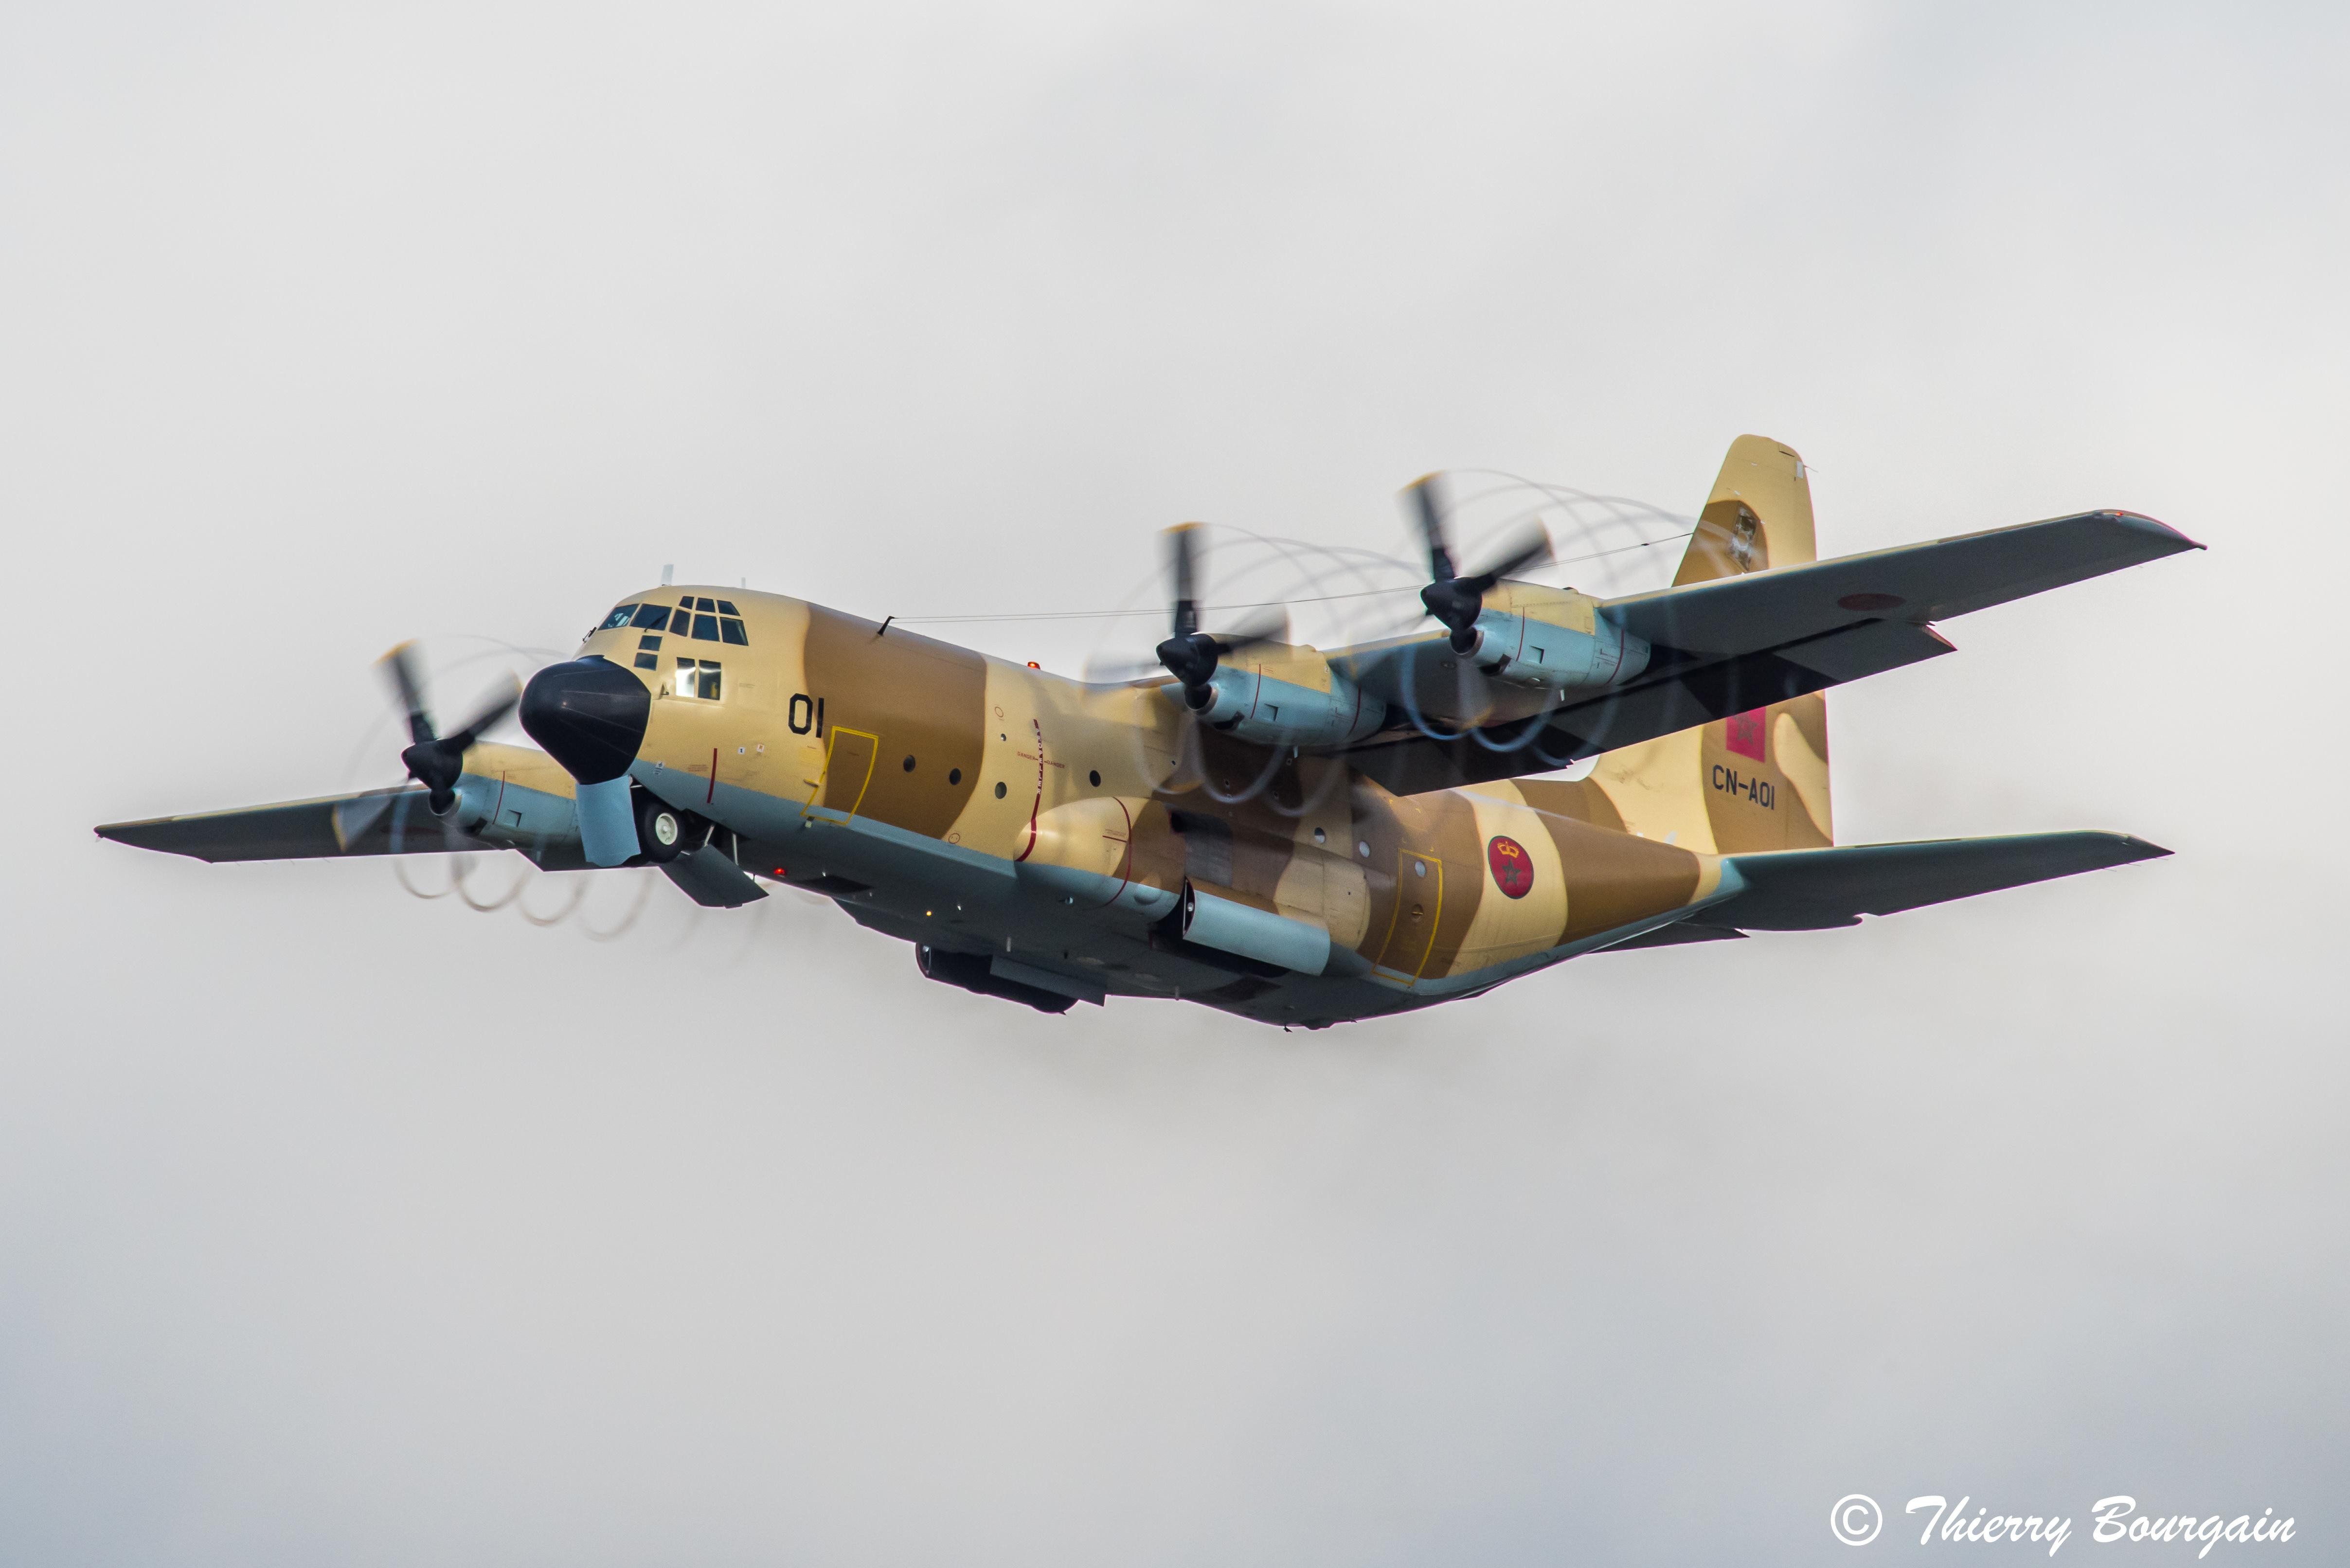 FRA: Photos d'avions de transport - Page 36 45673215304_a5329150ac_o